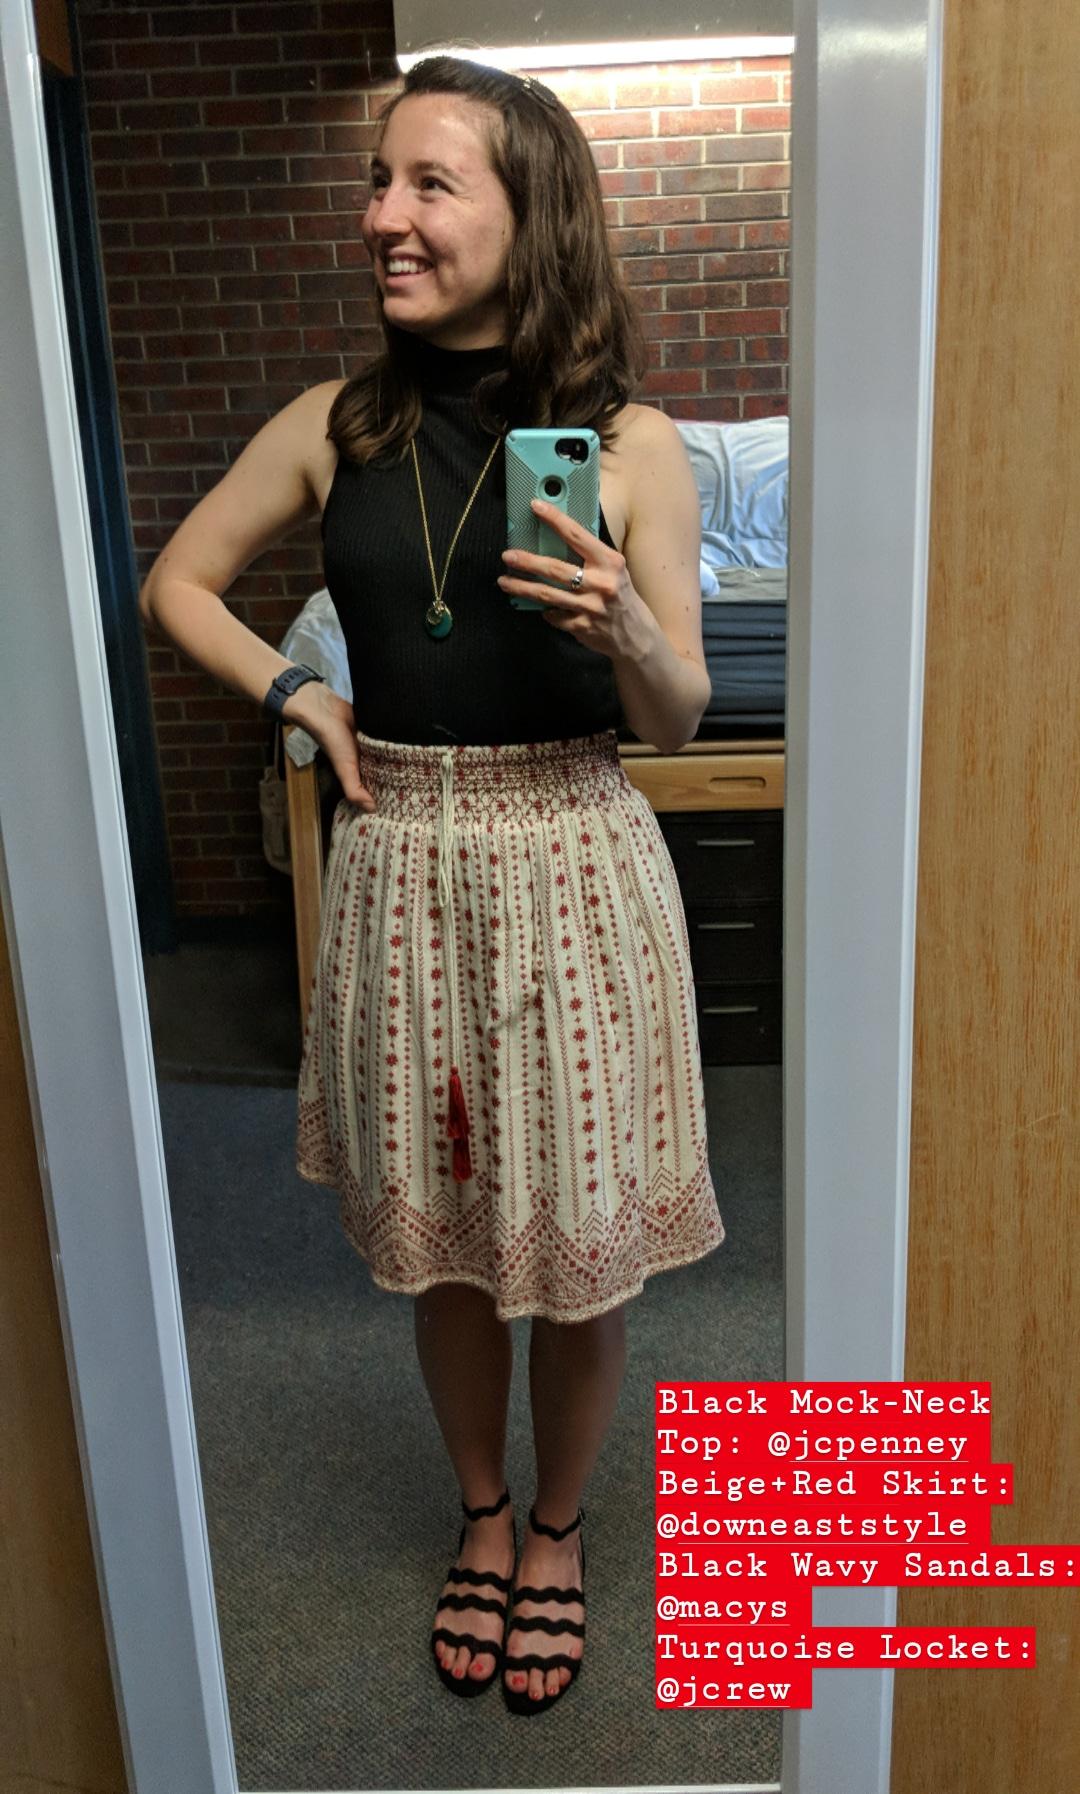 black mockneck top, red patterned skirt, black wavy sandals